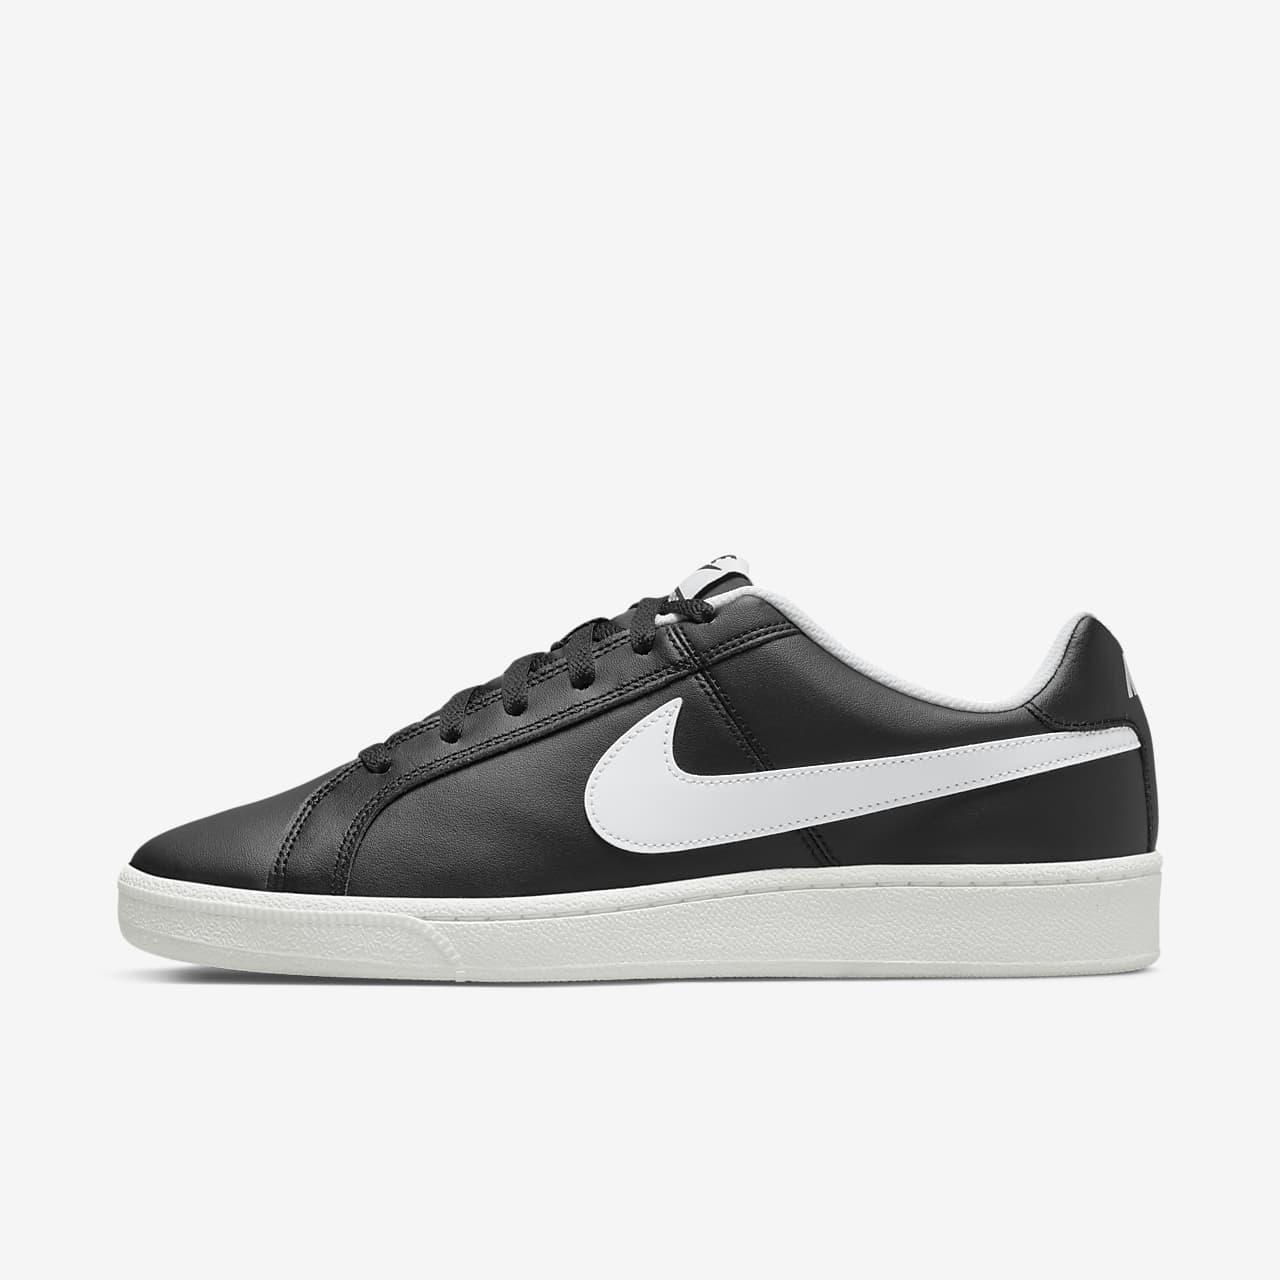 Nike Blazers Düşük Erkekler Popüler Ayakkabı Dark Siyah Beyaz Güzel